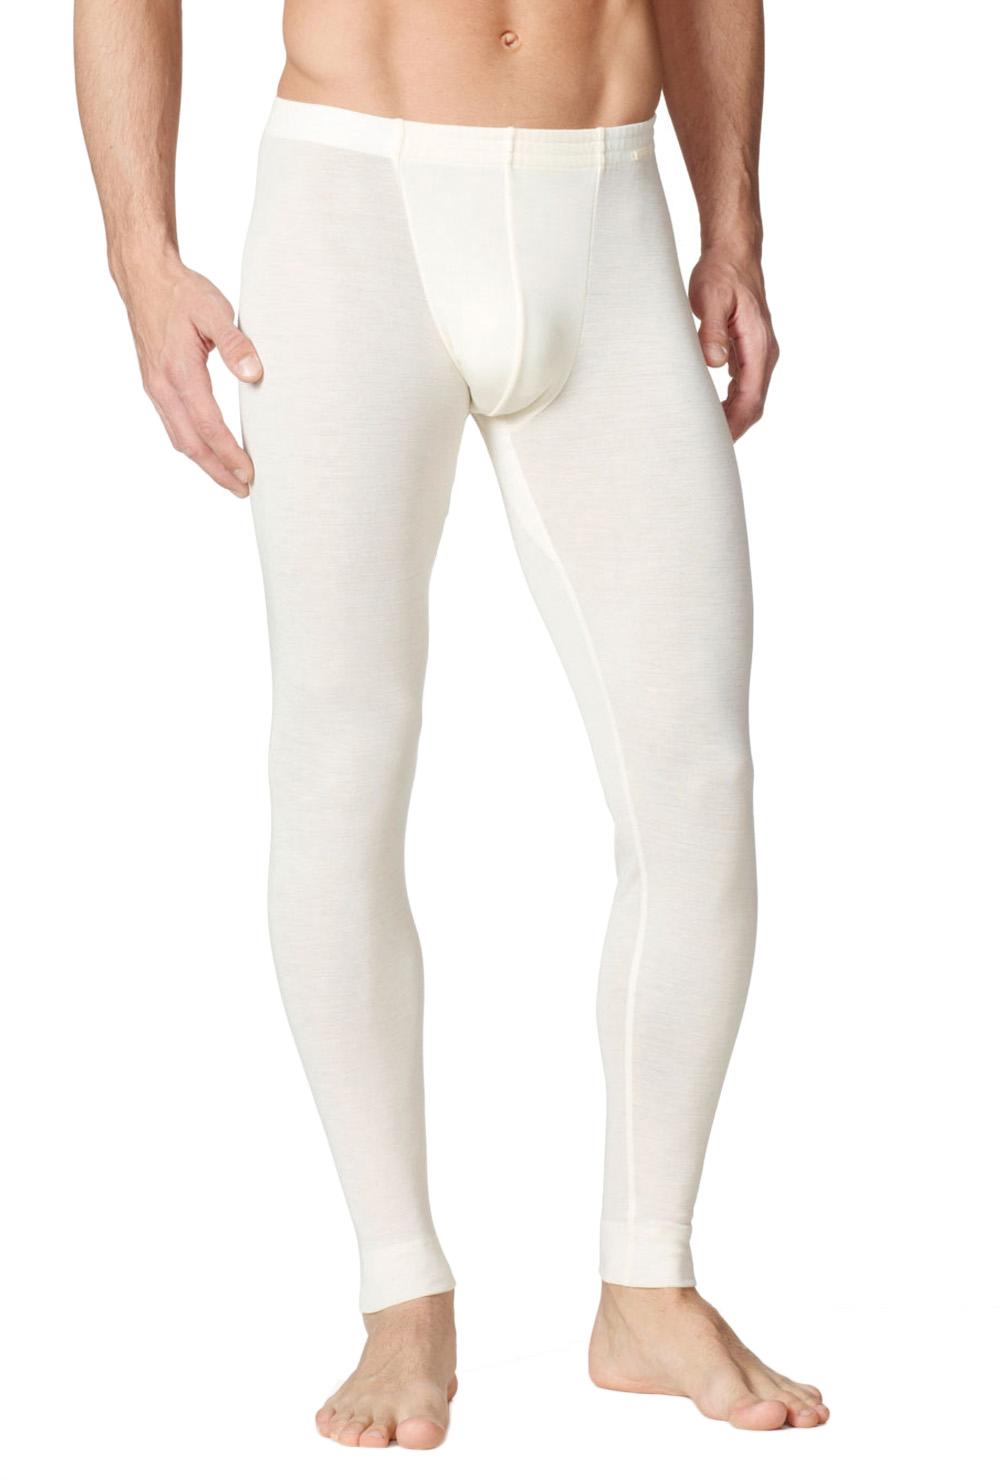 Räumungspreise verkauf usa online gehobene Qualität Herren lange Unterhose Sören (Wolle/Seide)